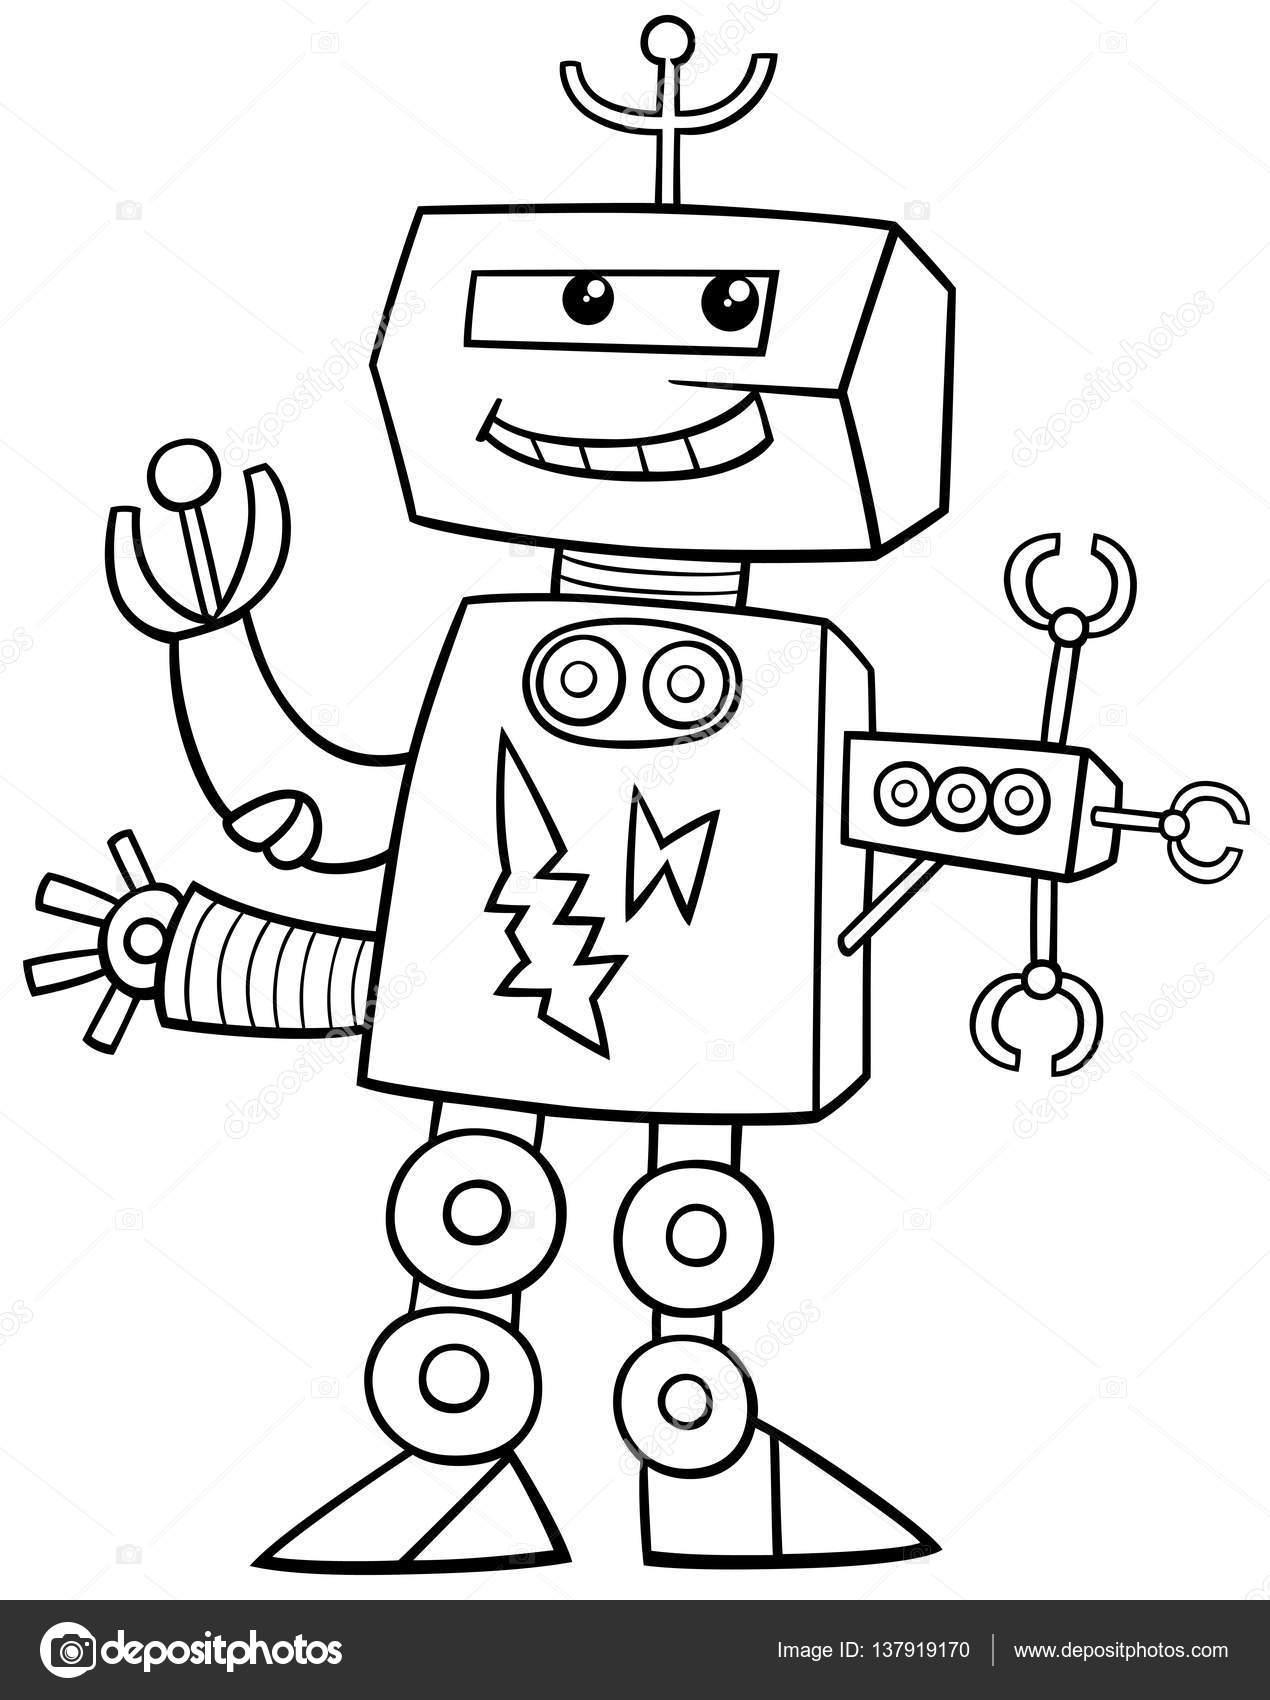 Kleurplaten Robots Afdrukken.Robot Kleurplaat